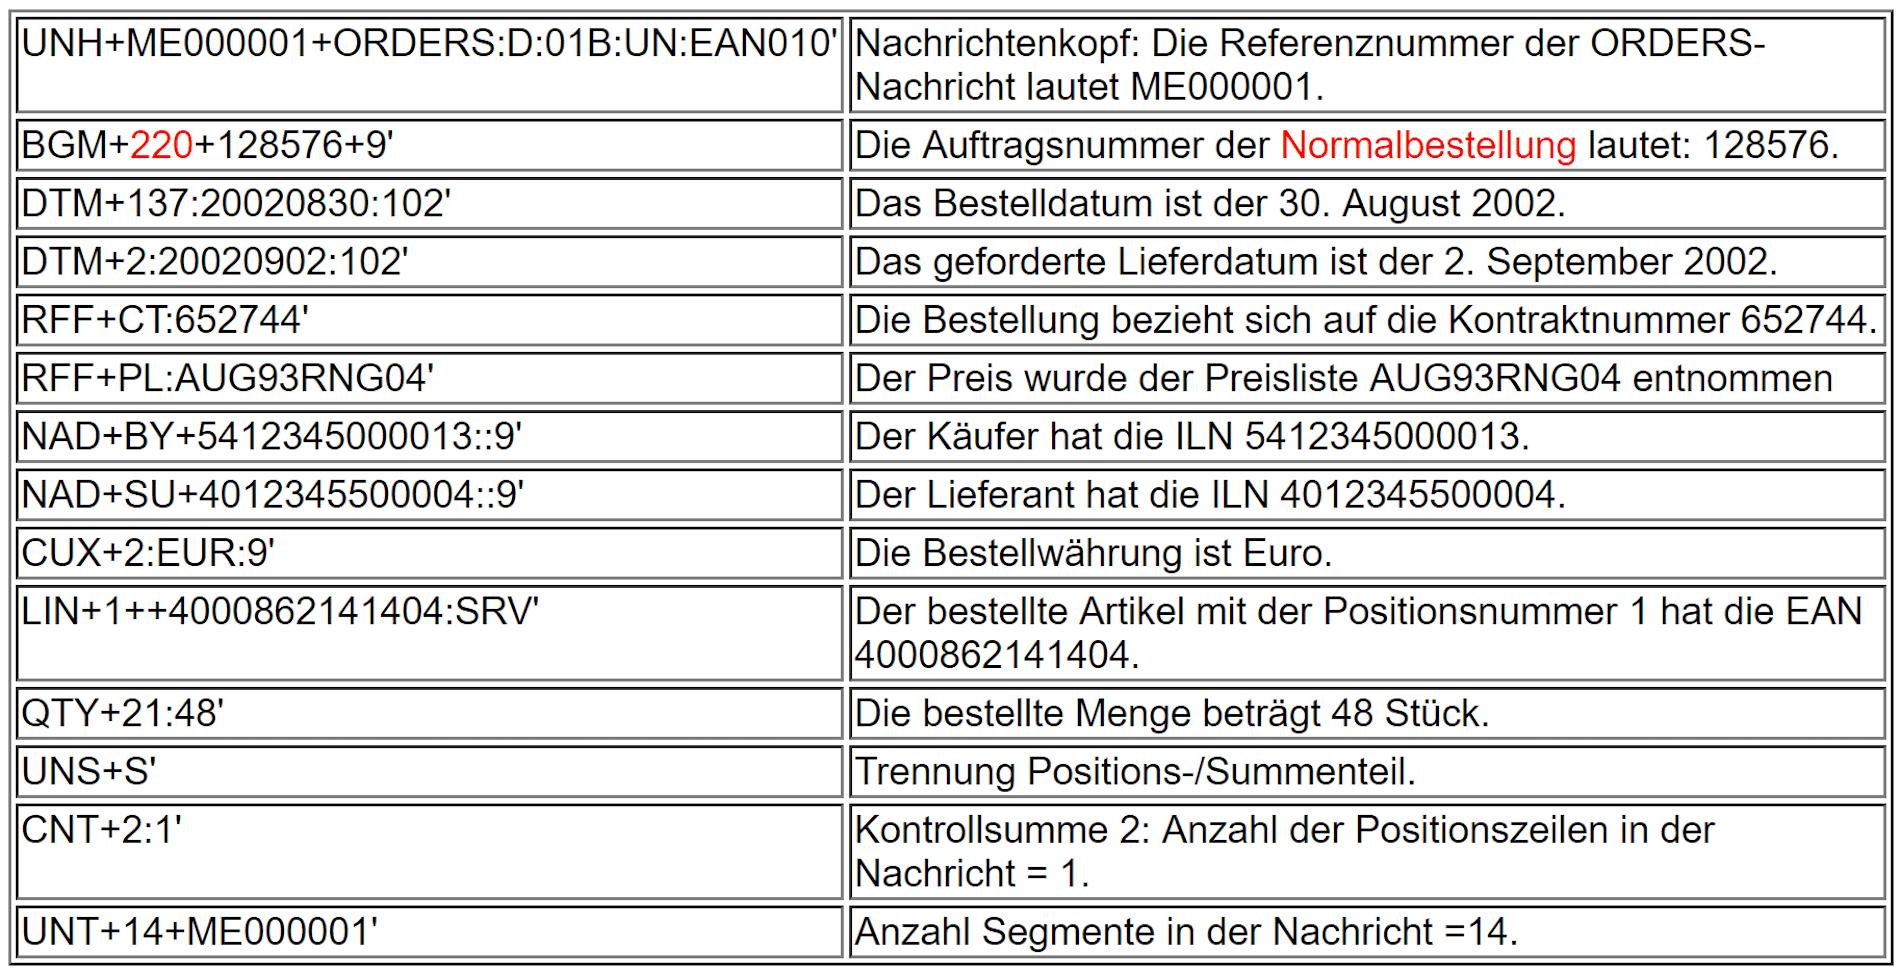 EANCOM-Beispiel einer ORDER